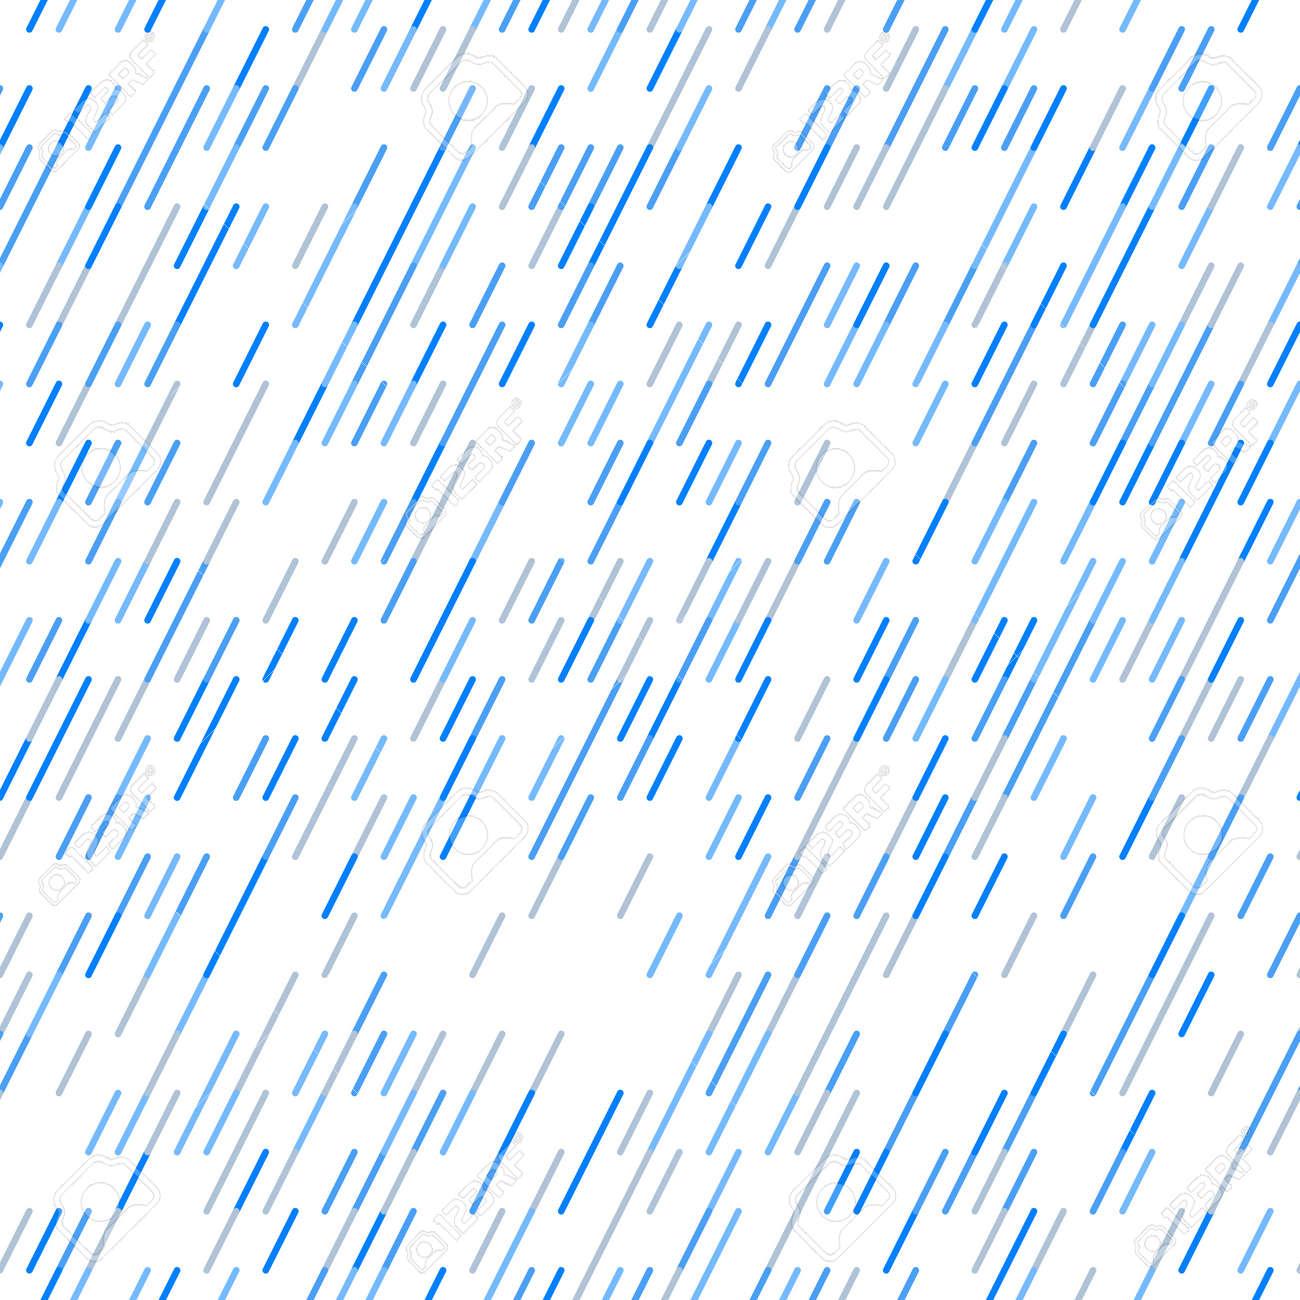 Geometrische Zufällige Linien Muster Zusammenfassung Technologie